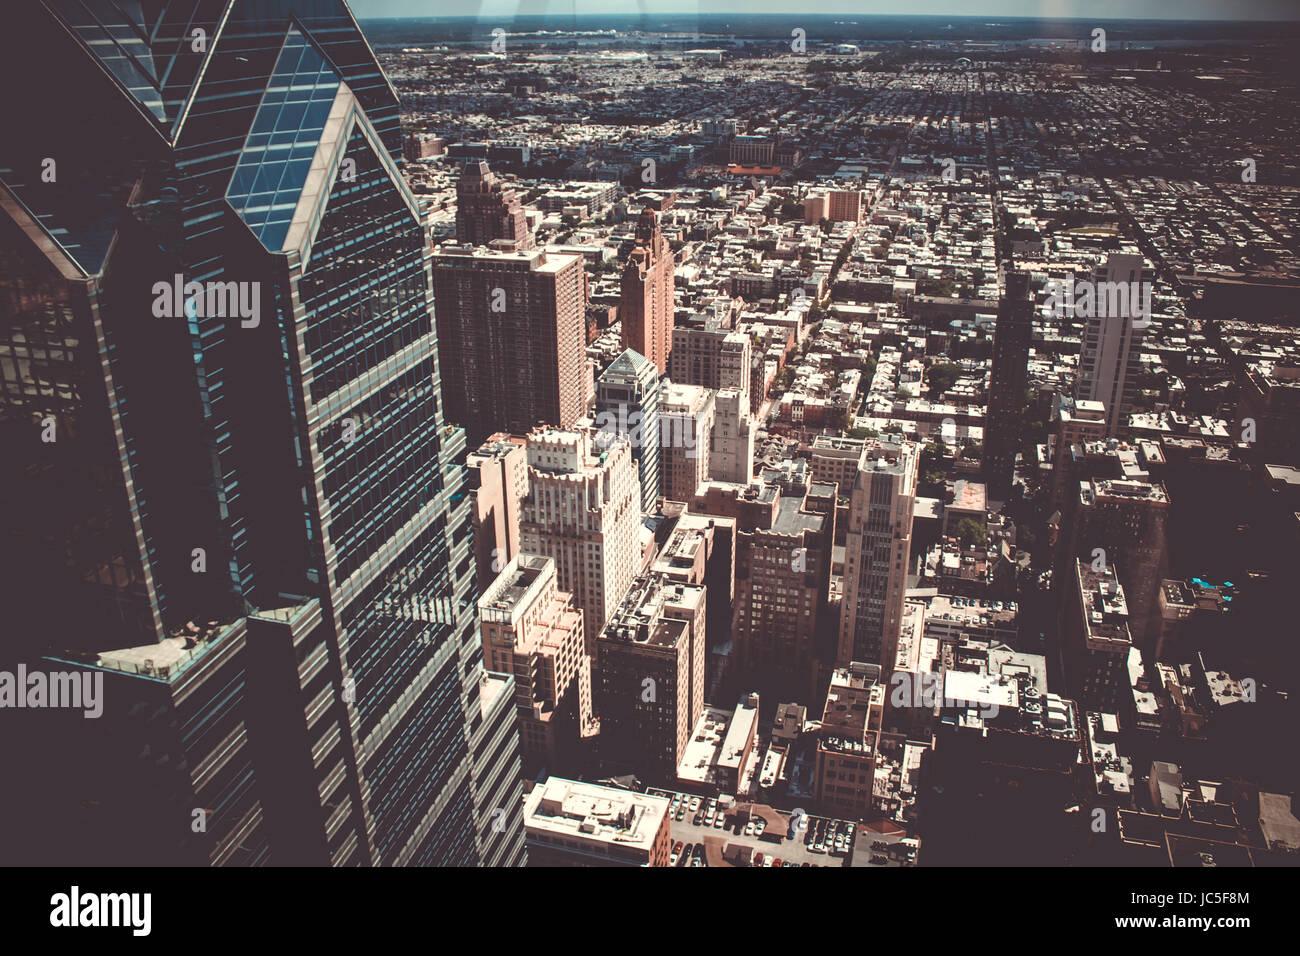 Philadelphia Skyline from the Observation Deck in Philadelphia - Stock Image